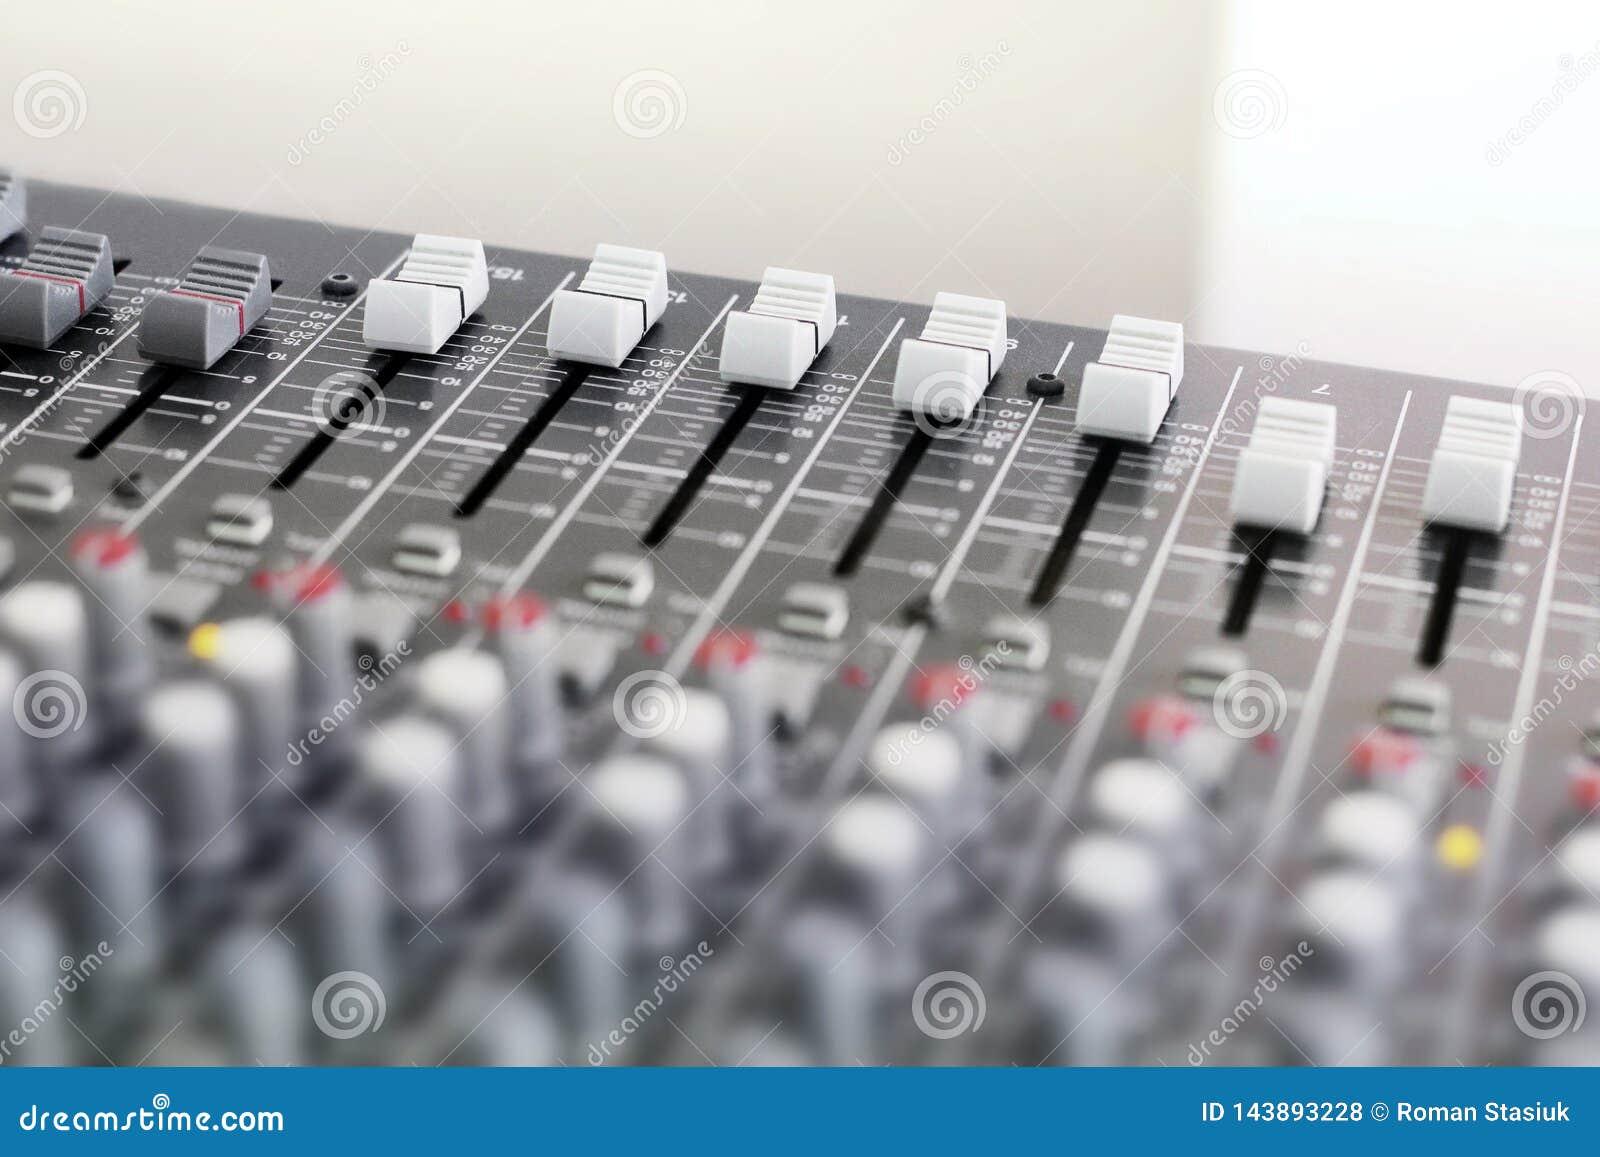 Μίξη της κονσόλας για το μικρόφωνο Υγιής εξοπλισμός